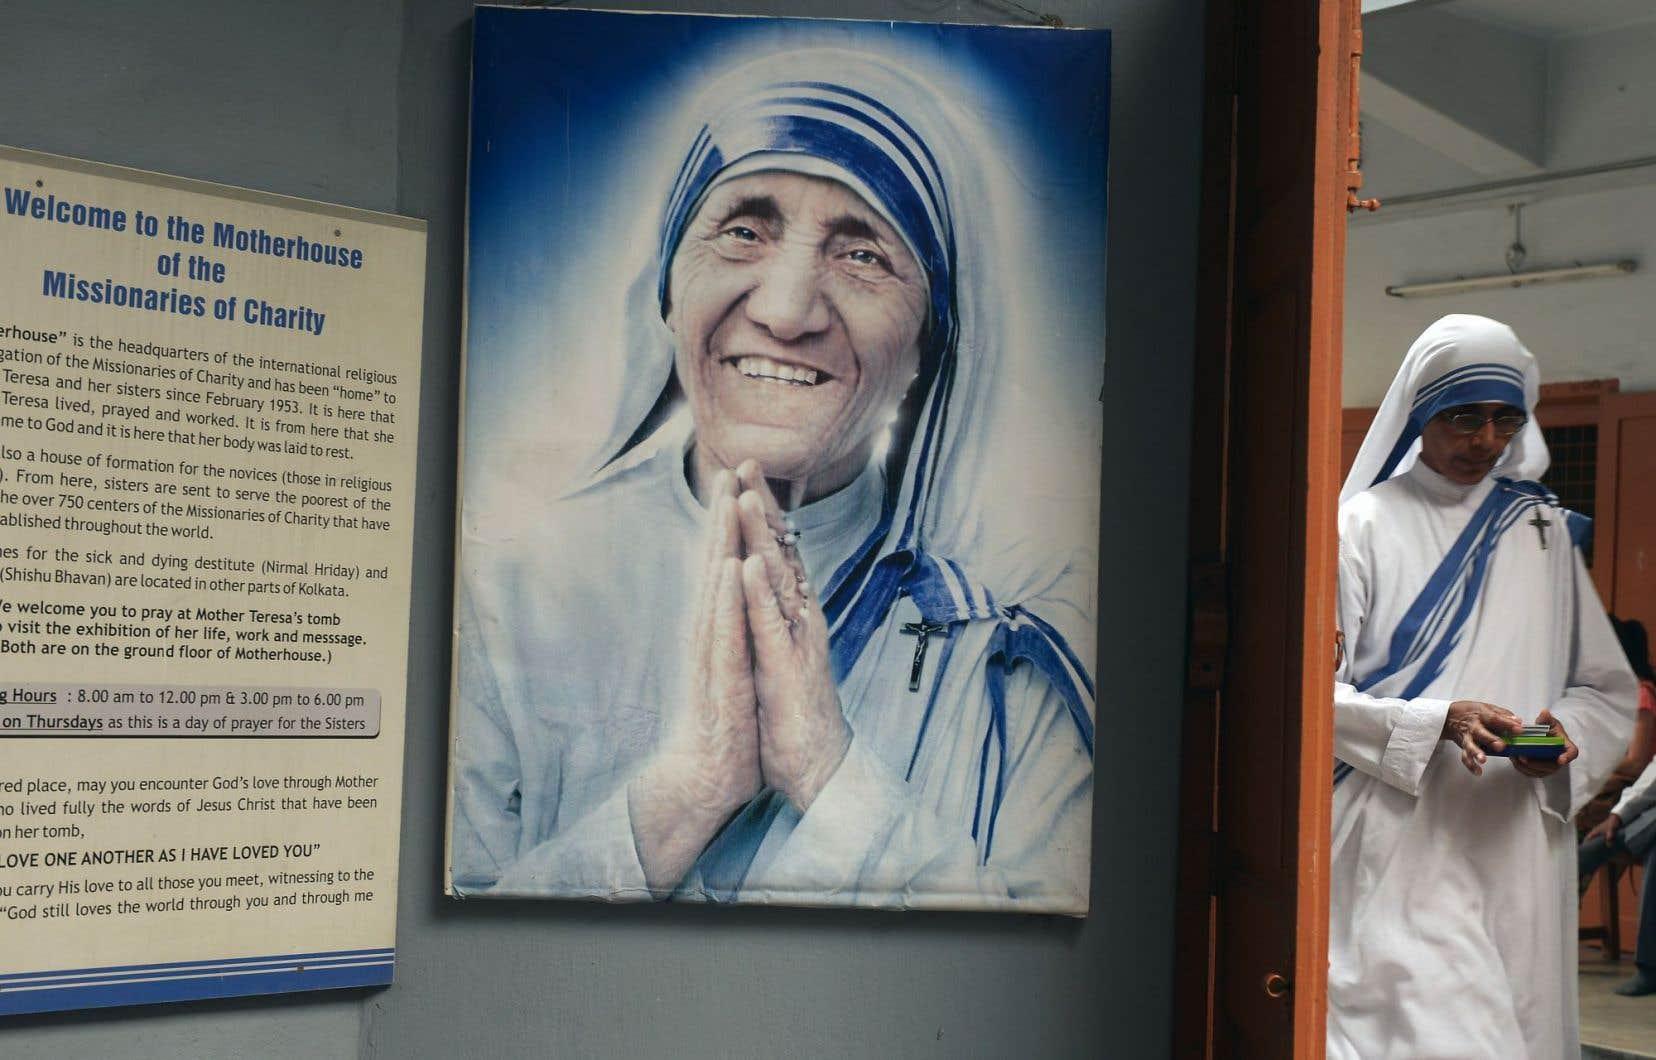 Un portrait de Mère Teresa à la congrégation des Missionnaires de la charité, à Calcutta en Inde